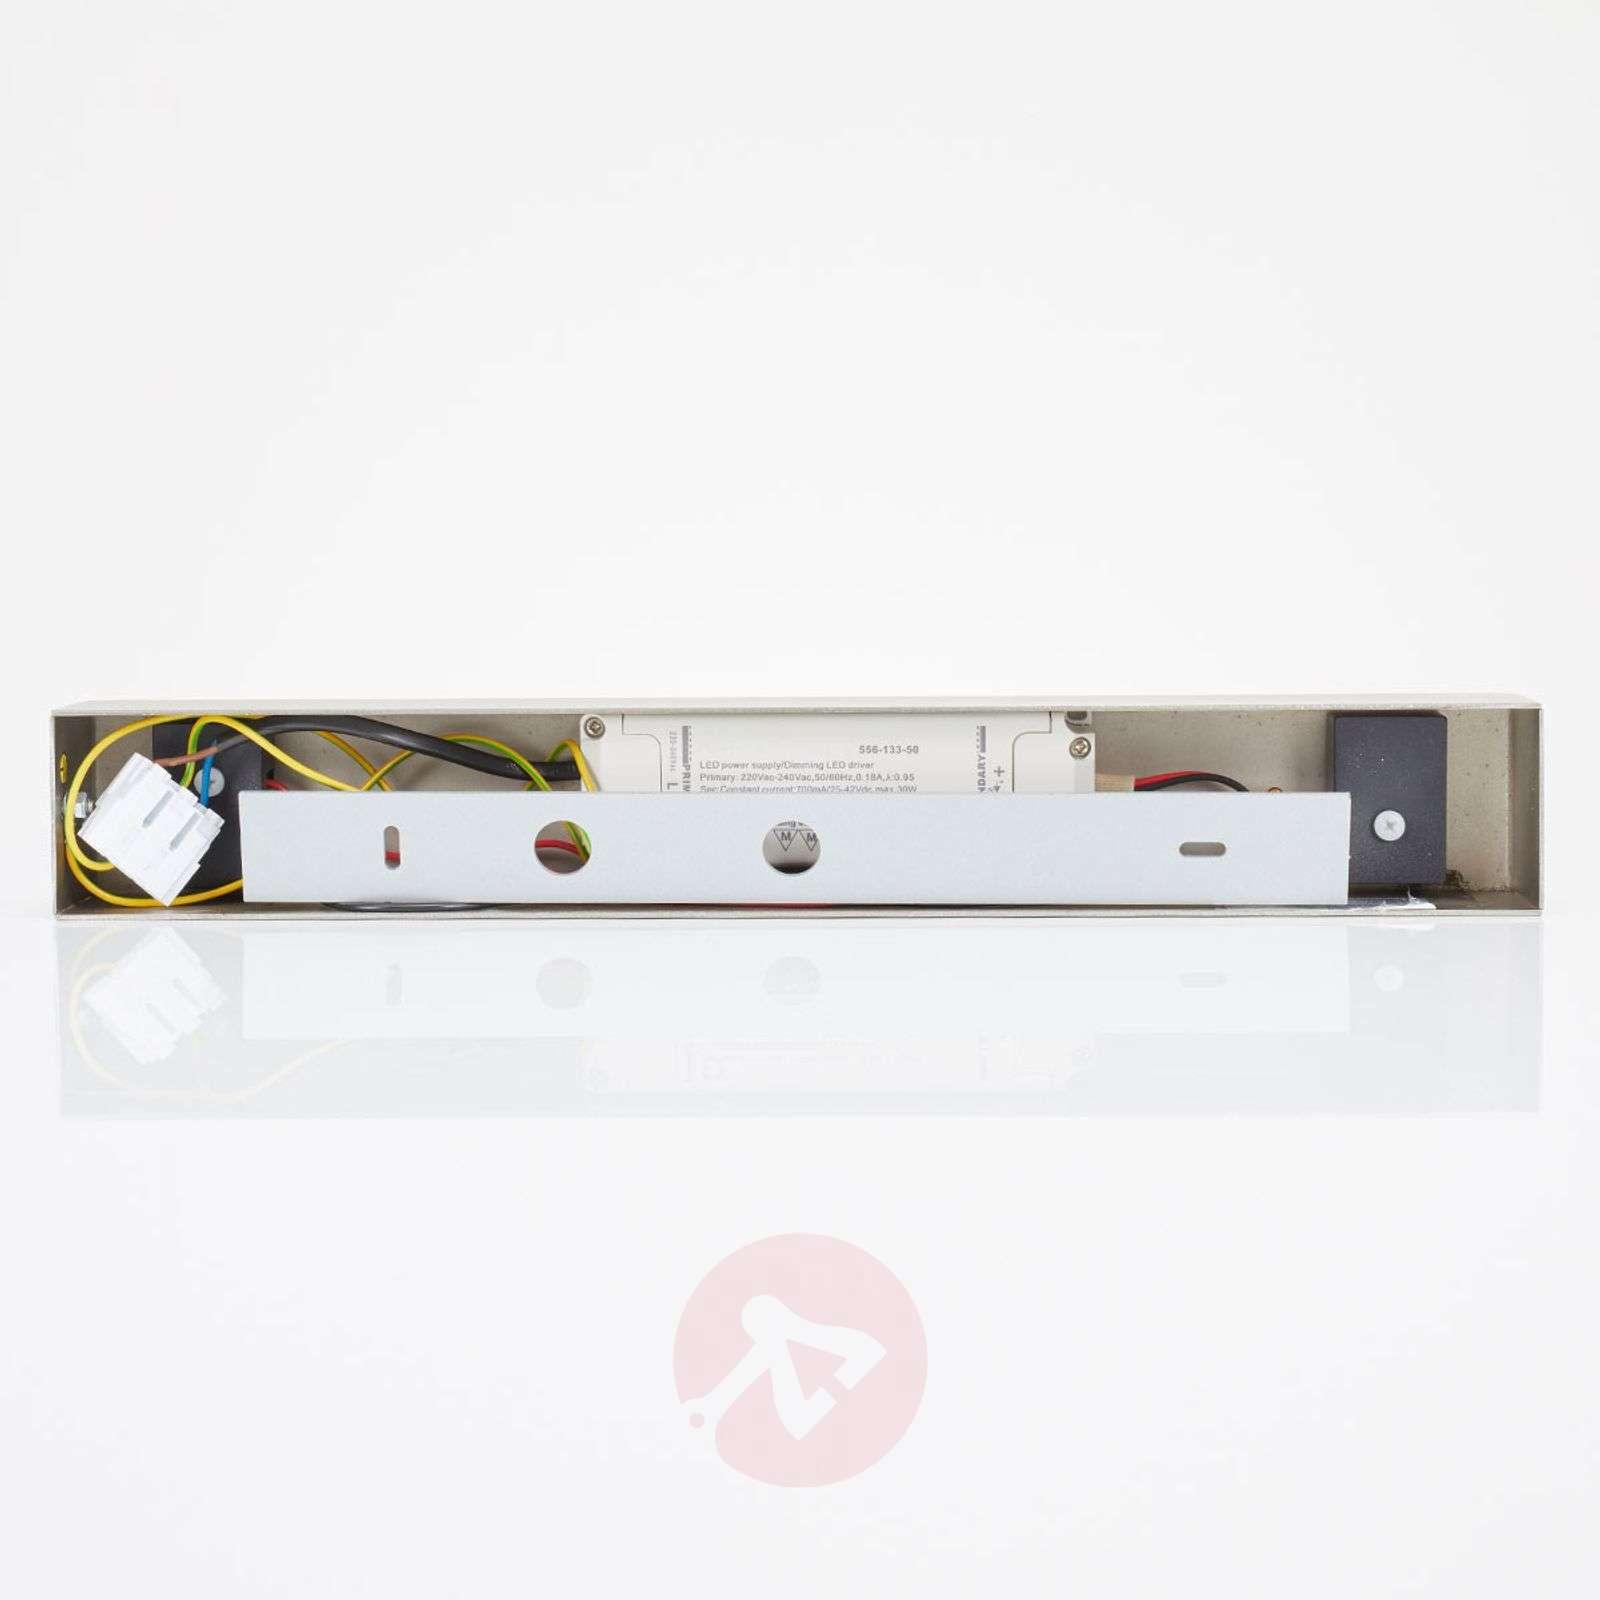 LED-riippuvalaisin Alin, siirtomaatammi-6722525X-01